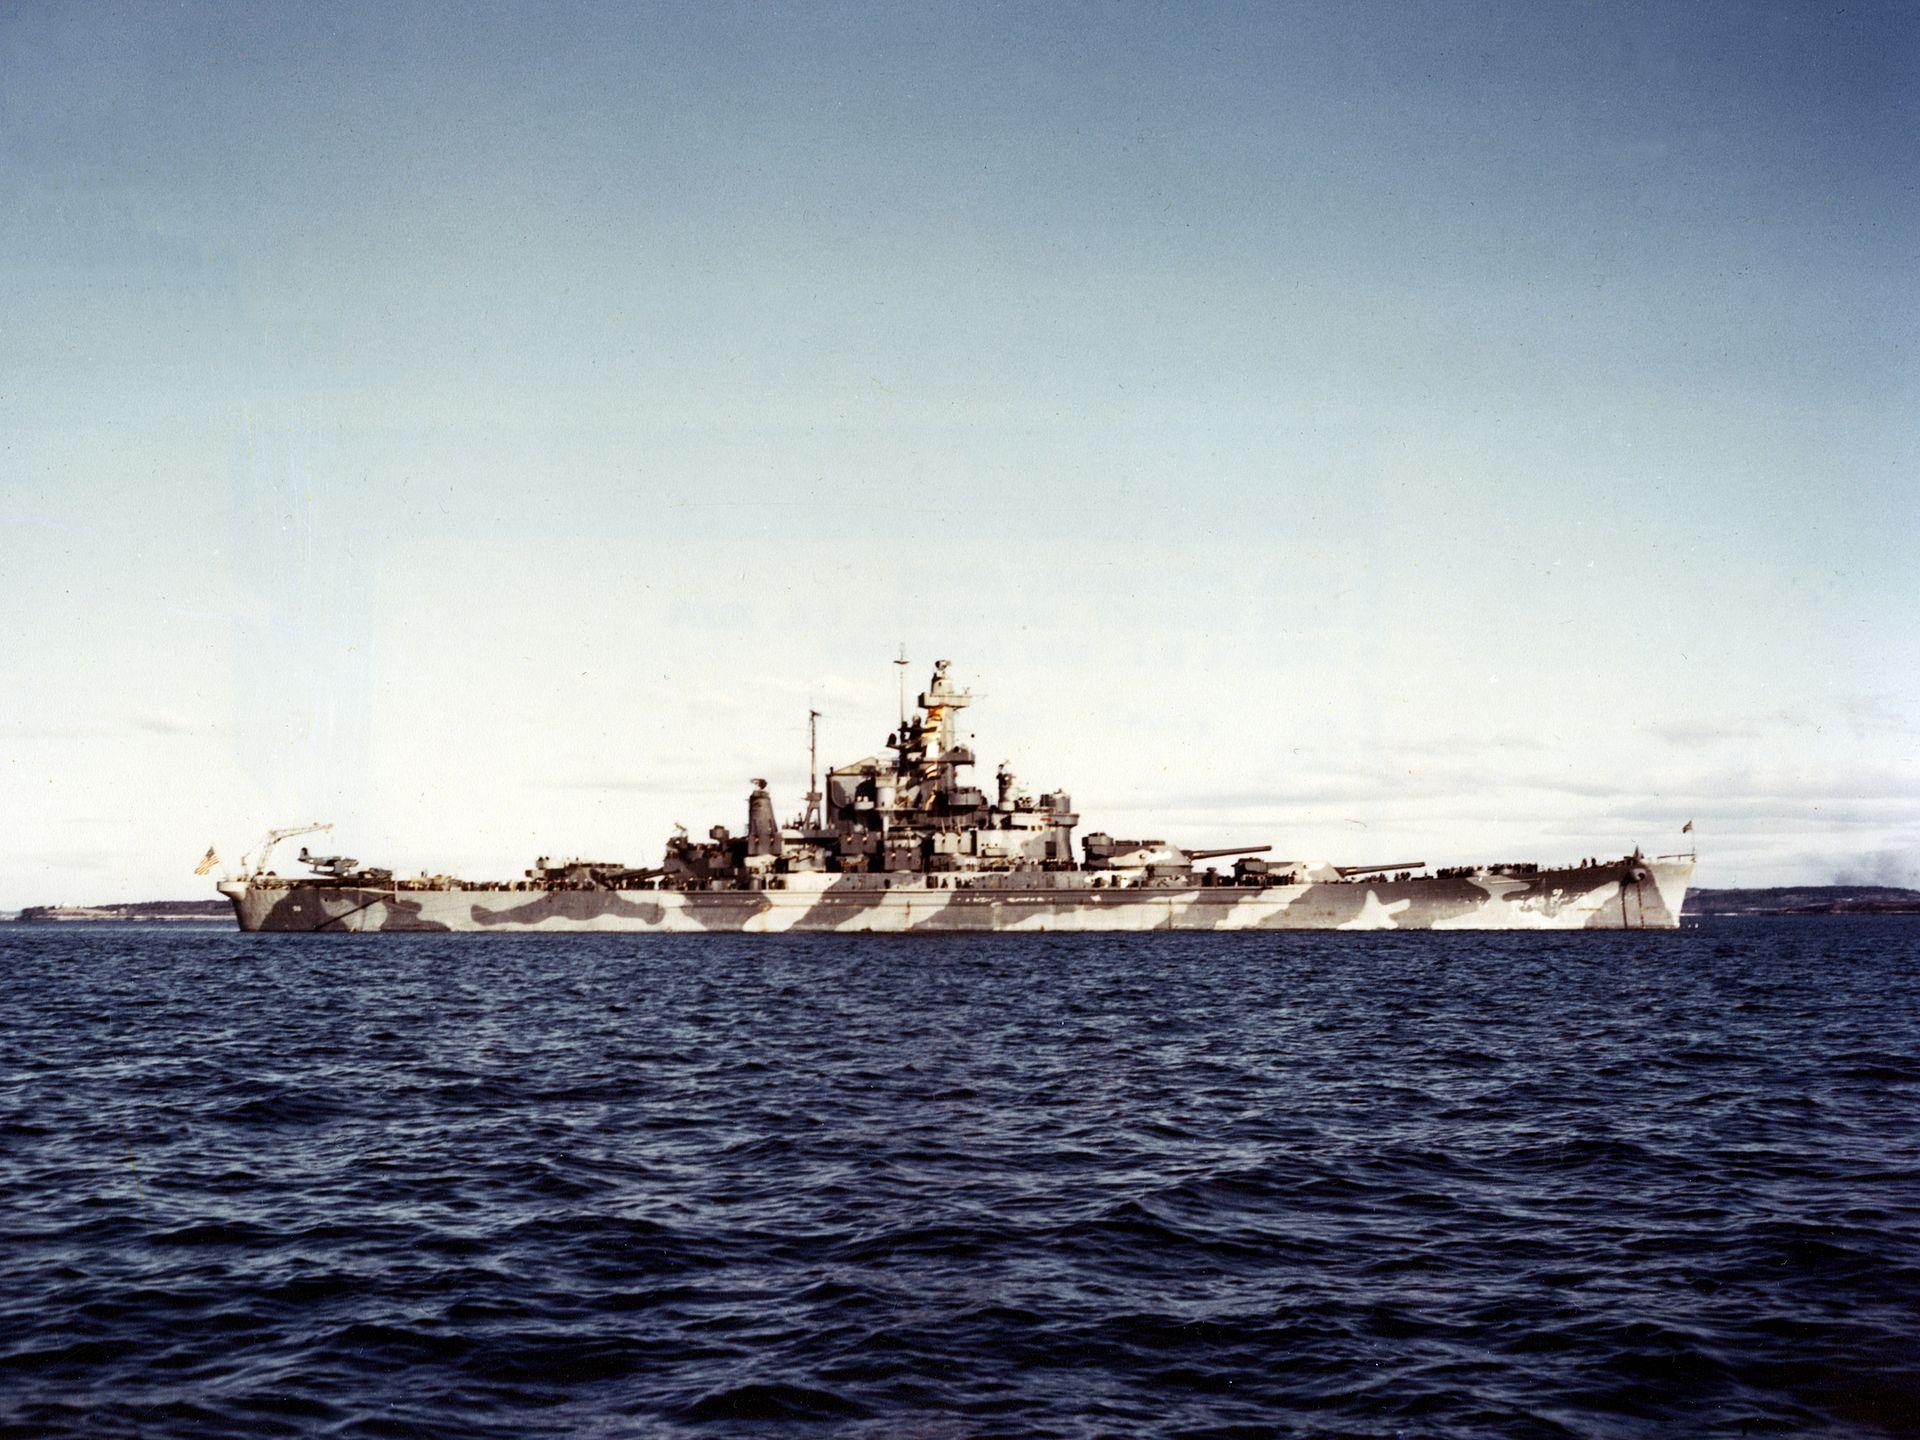 South Carolina >> South Dakota-class battleship (1939) - Wikipedia